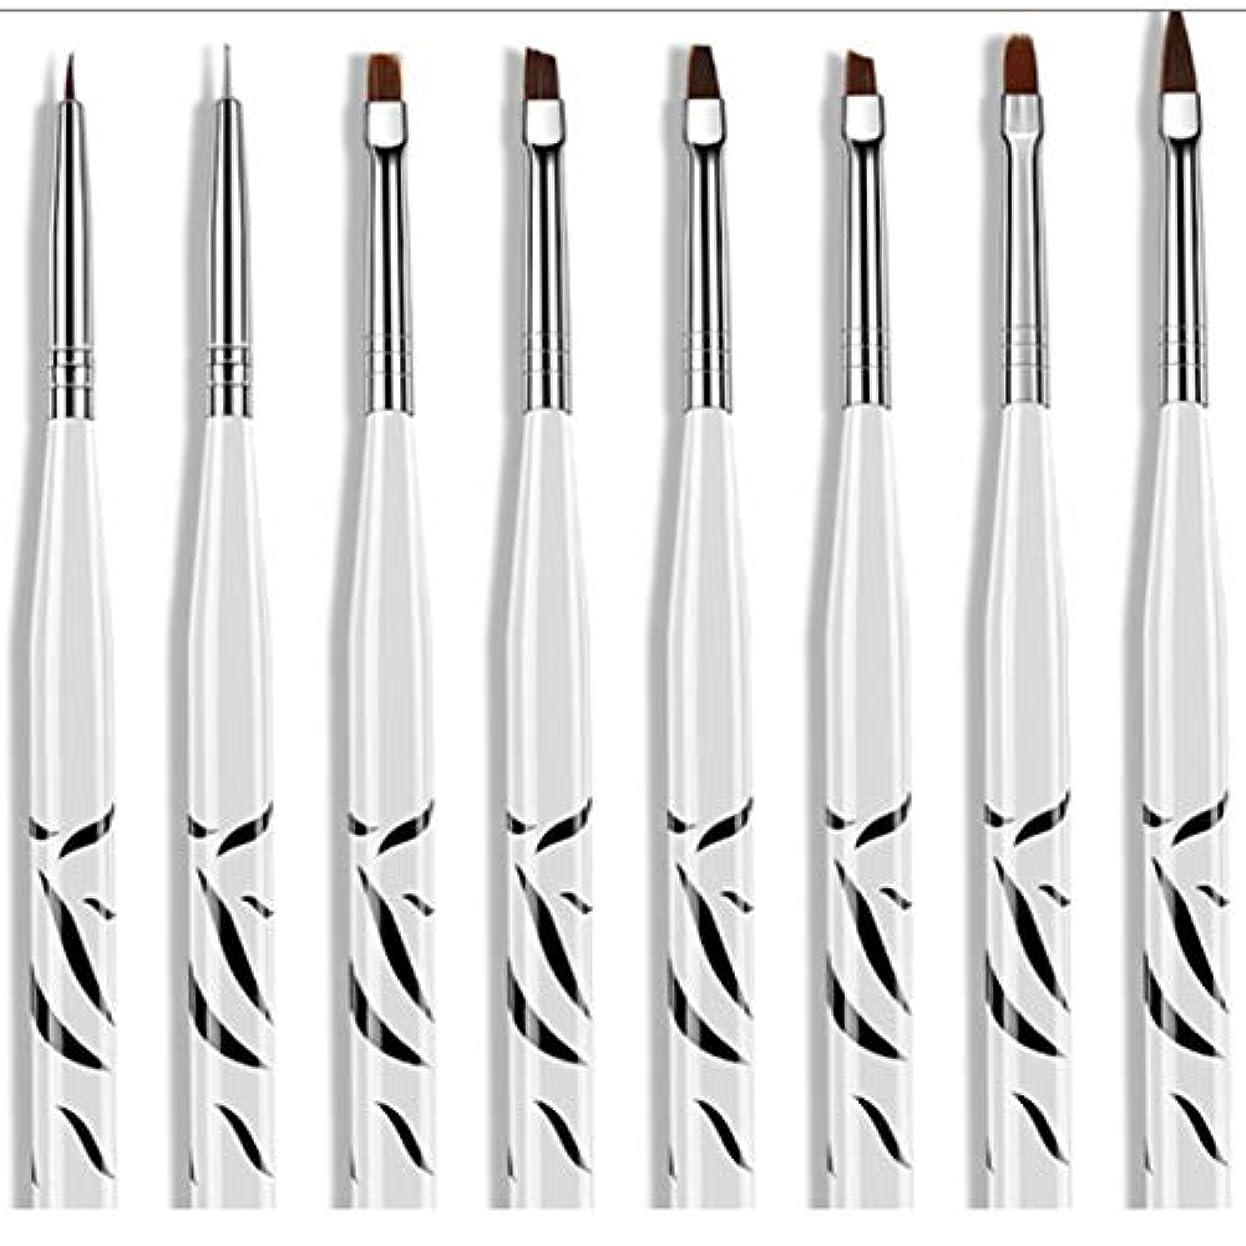 広範囲に展望台融合8個ゼブラセットネイルアートペインティングストライプラインブラシペンマルチカラーステンレススチール刻まれたプルワイヤー塗装ネイルペン-ホワイト